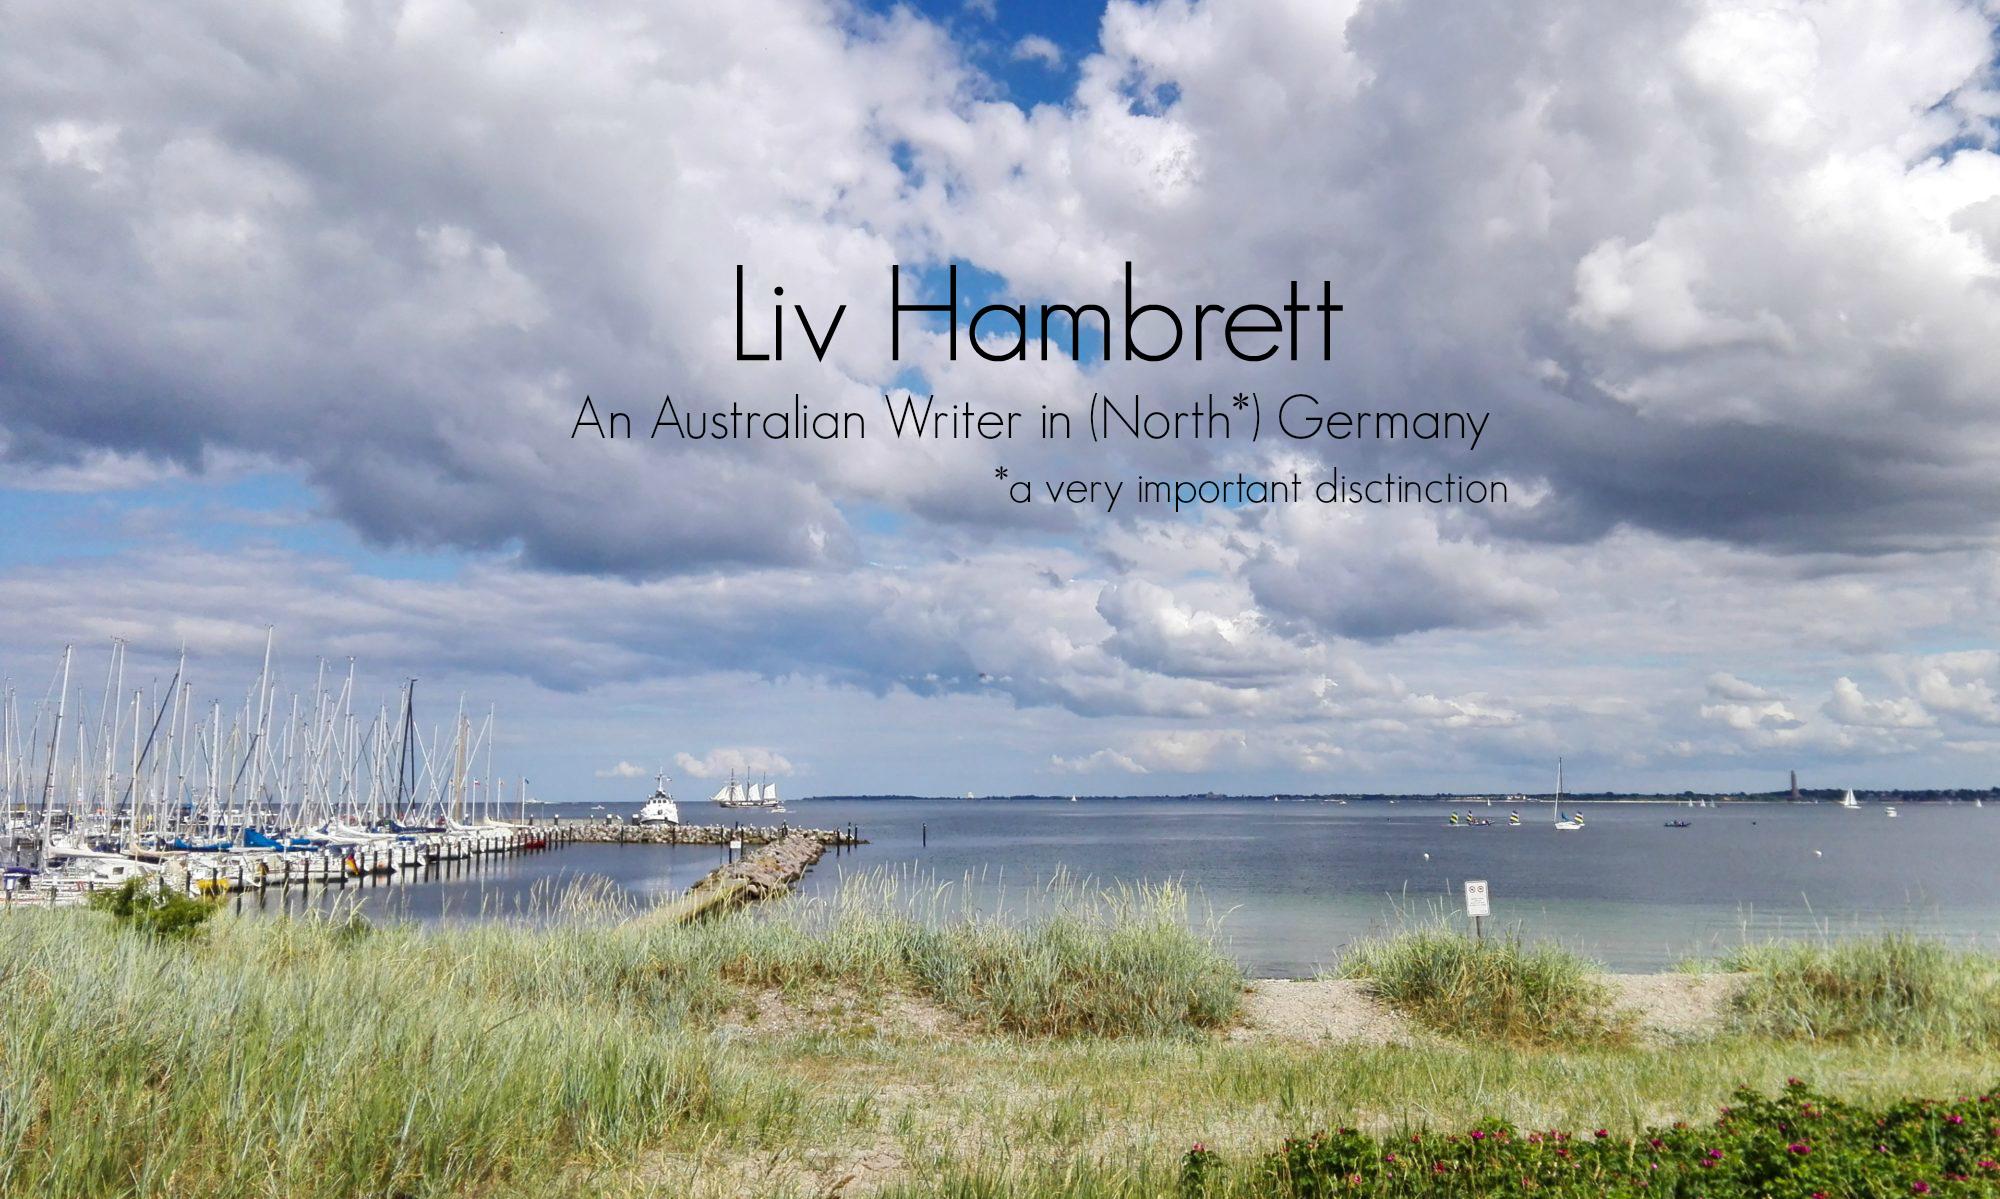 Liv Hambrett